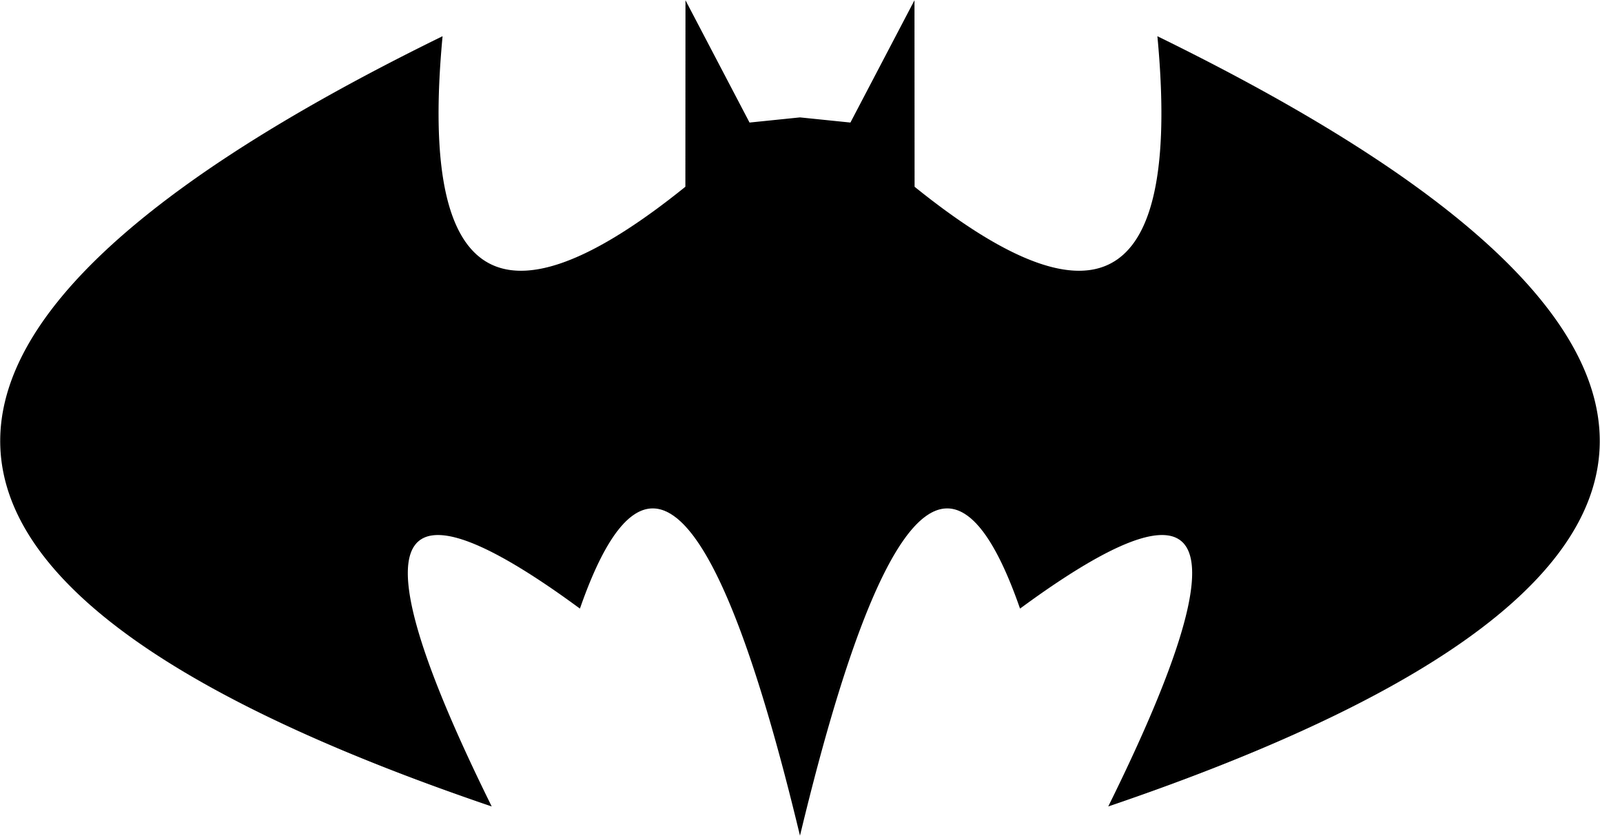 1600x836 Pixel Clipart Batman Symbol